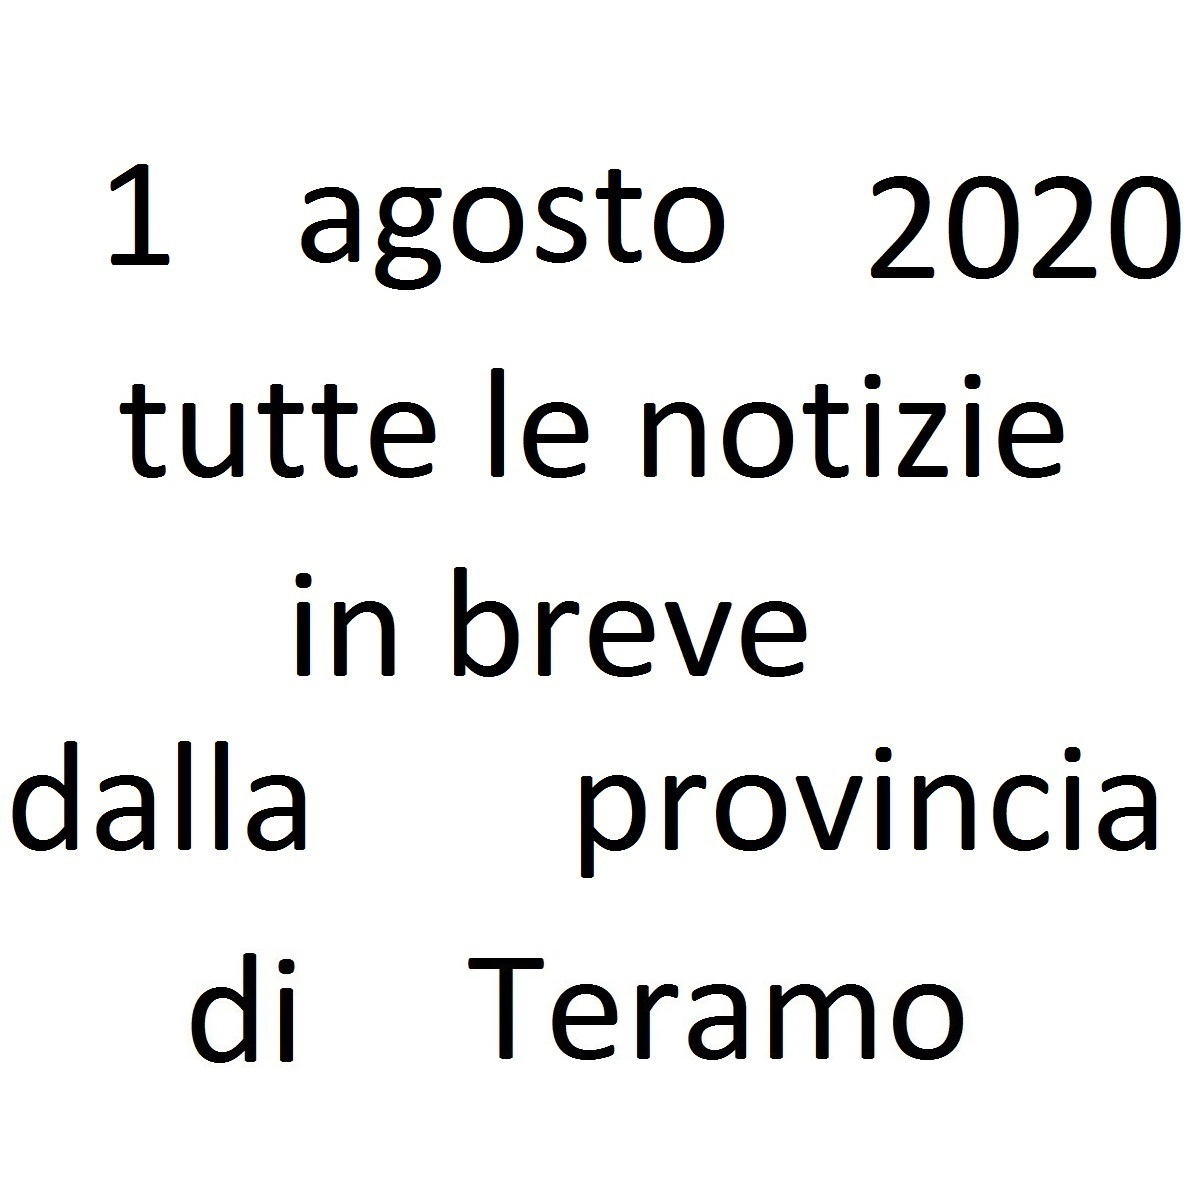 1 agosto 2020 notizie in breve dalla Provincia di Teramo